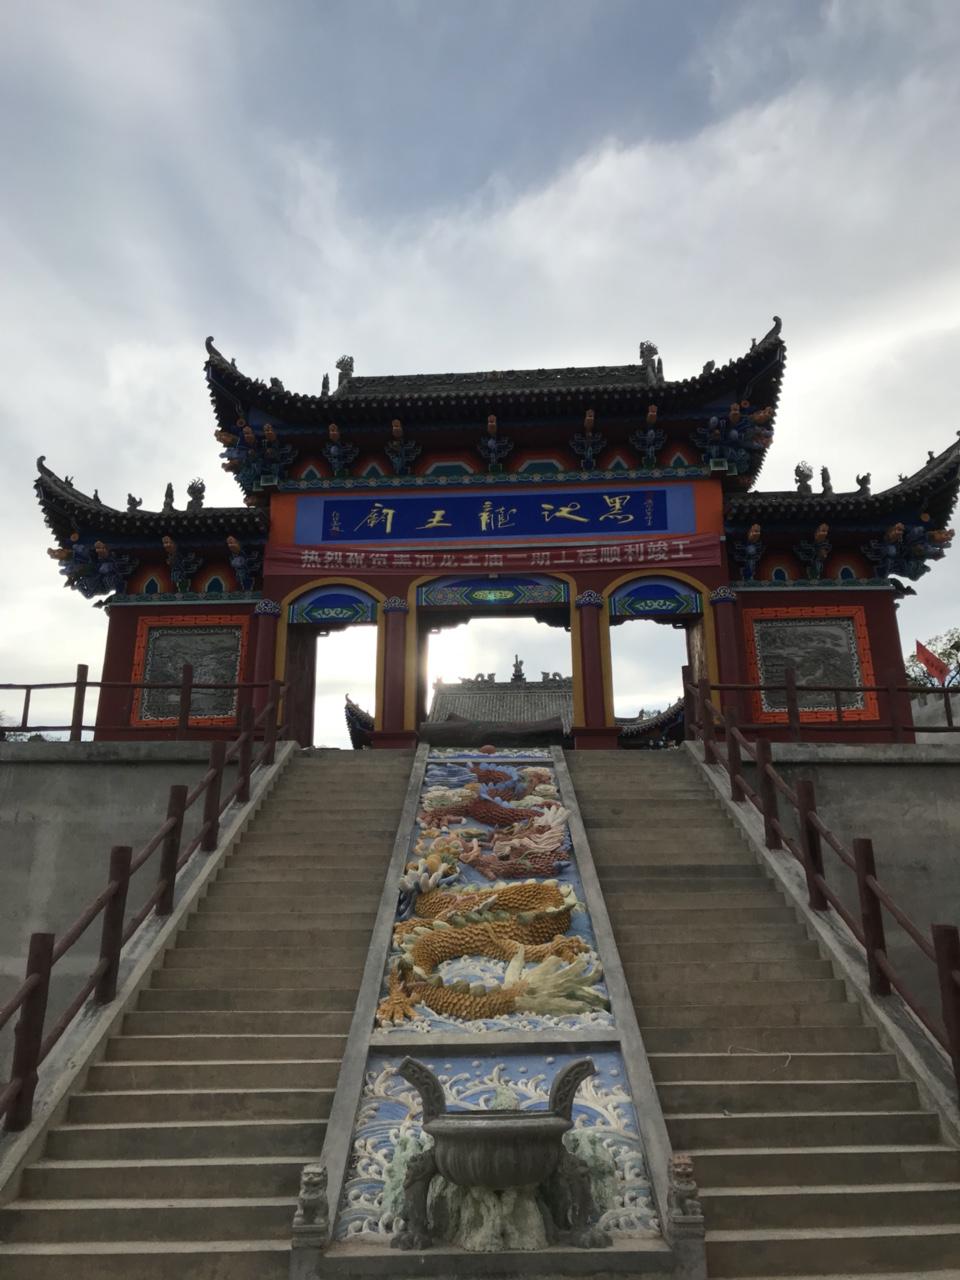 连五中心甘霖寺,连五梁上的人文景观